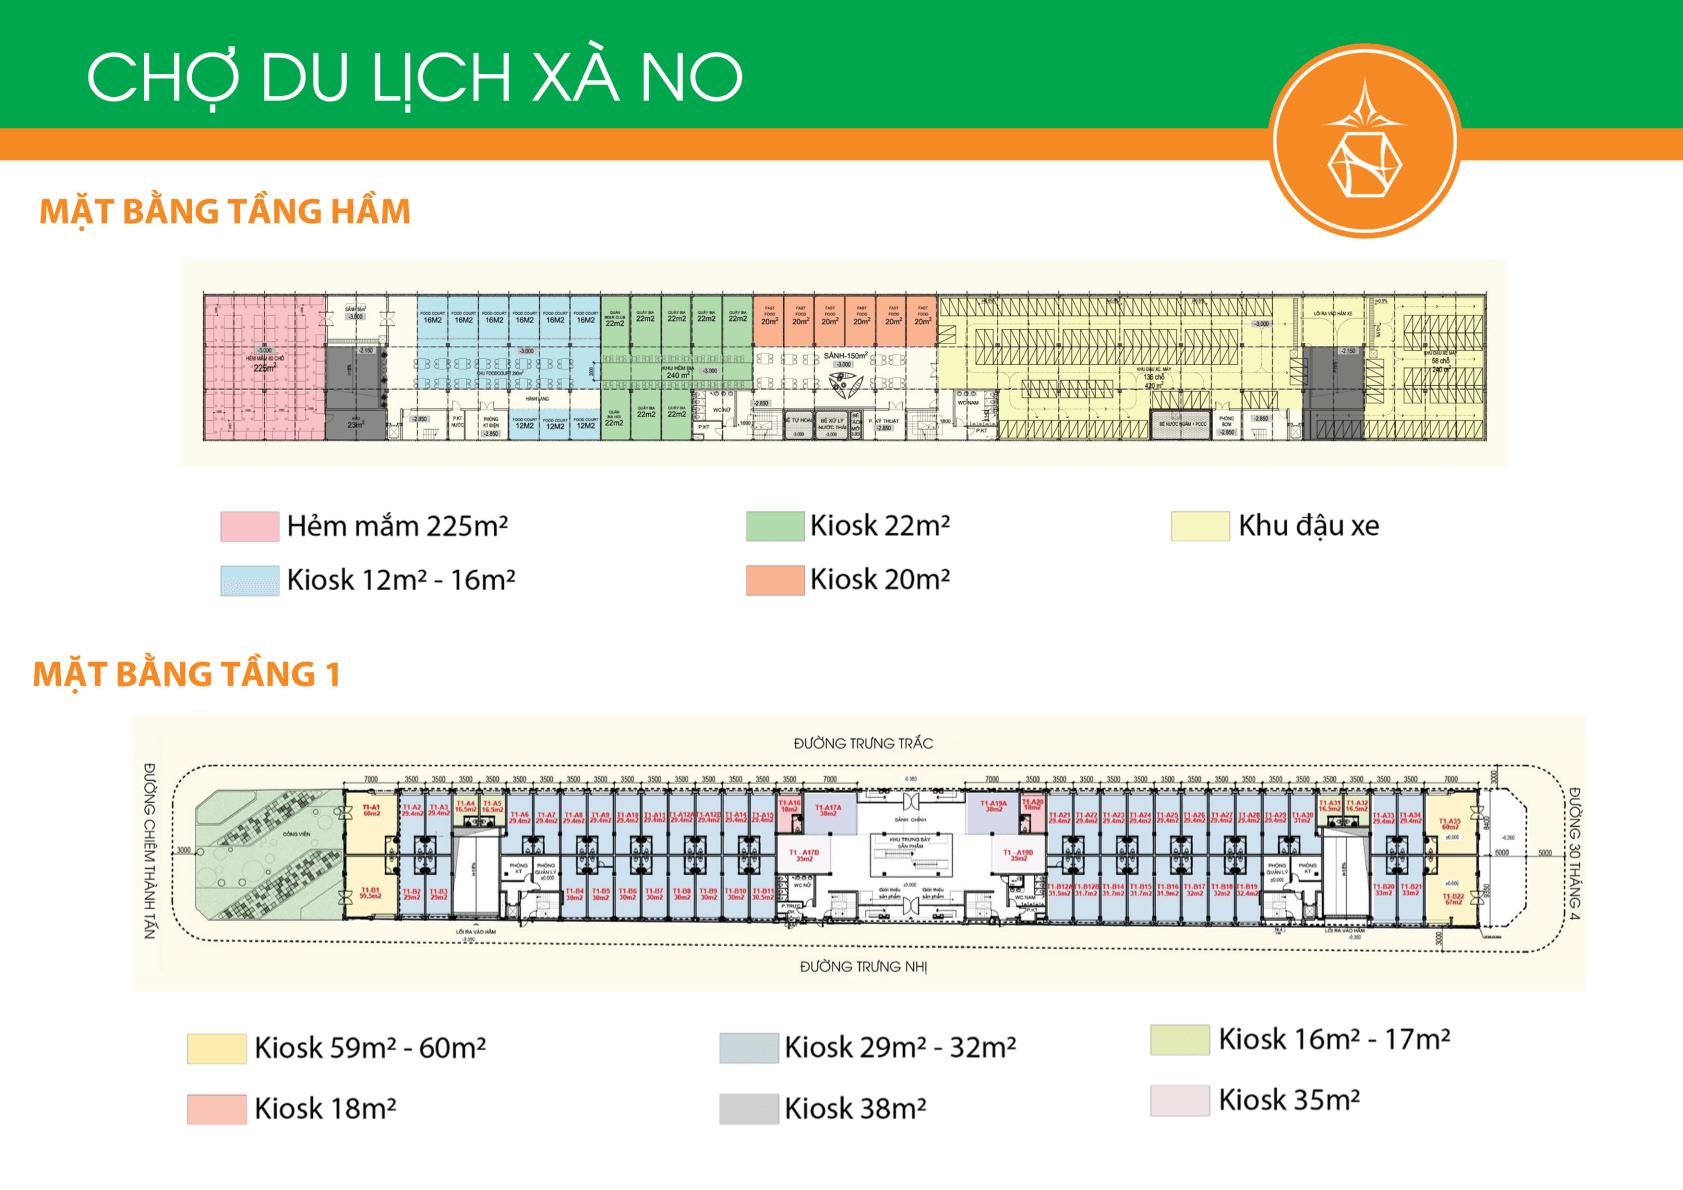 chợ-du-lịch-xà-no-14